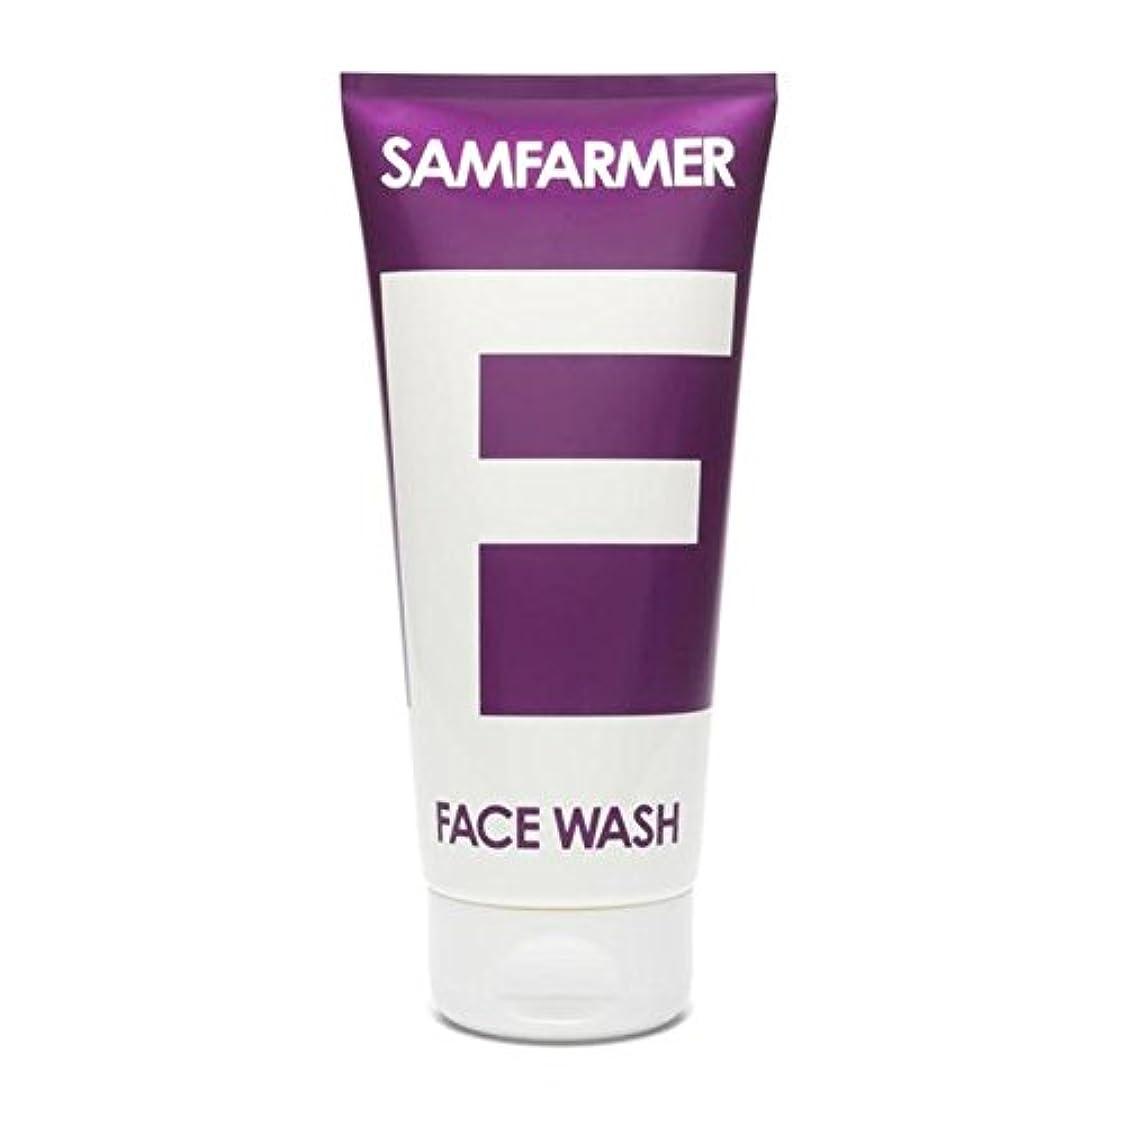 ポップ月シェードユニセックスフェイスウォッシュ200ミリリットル x4 - SAMFARMER Unisex Face Wash 200ml (Pack of 4) [並行輸入品]